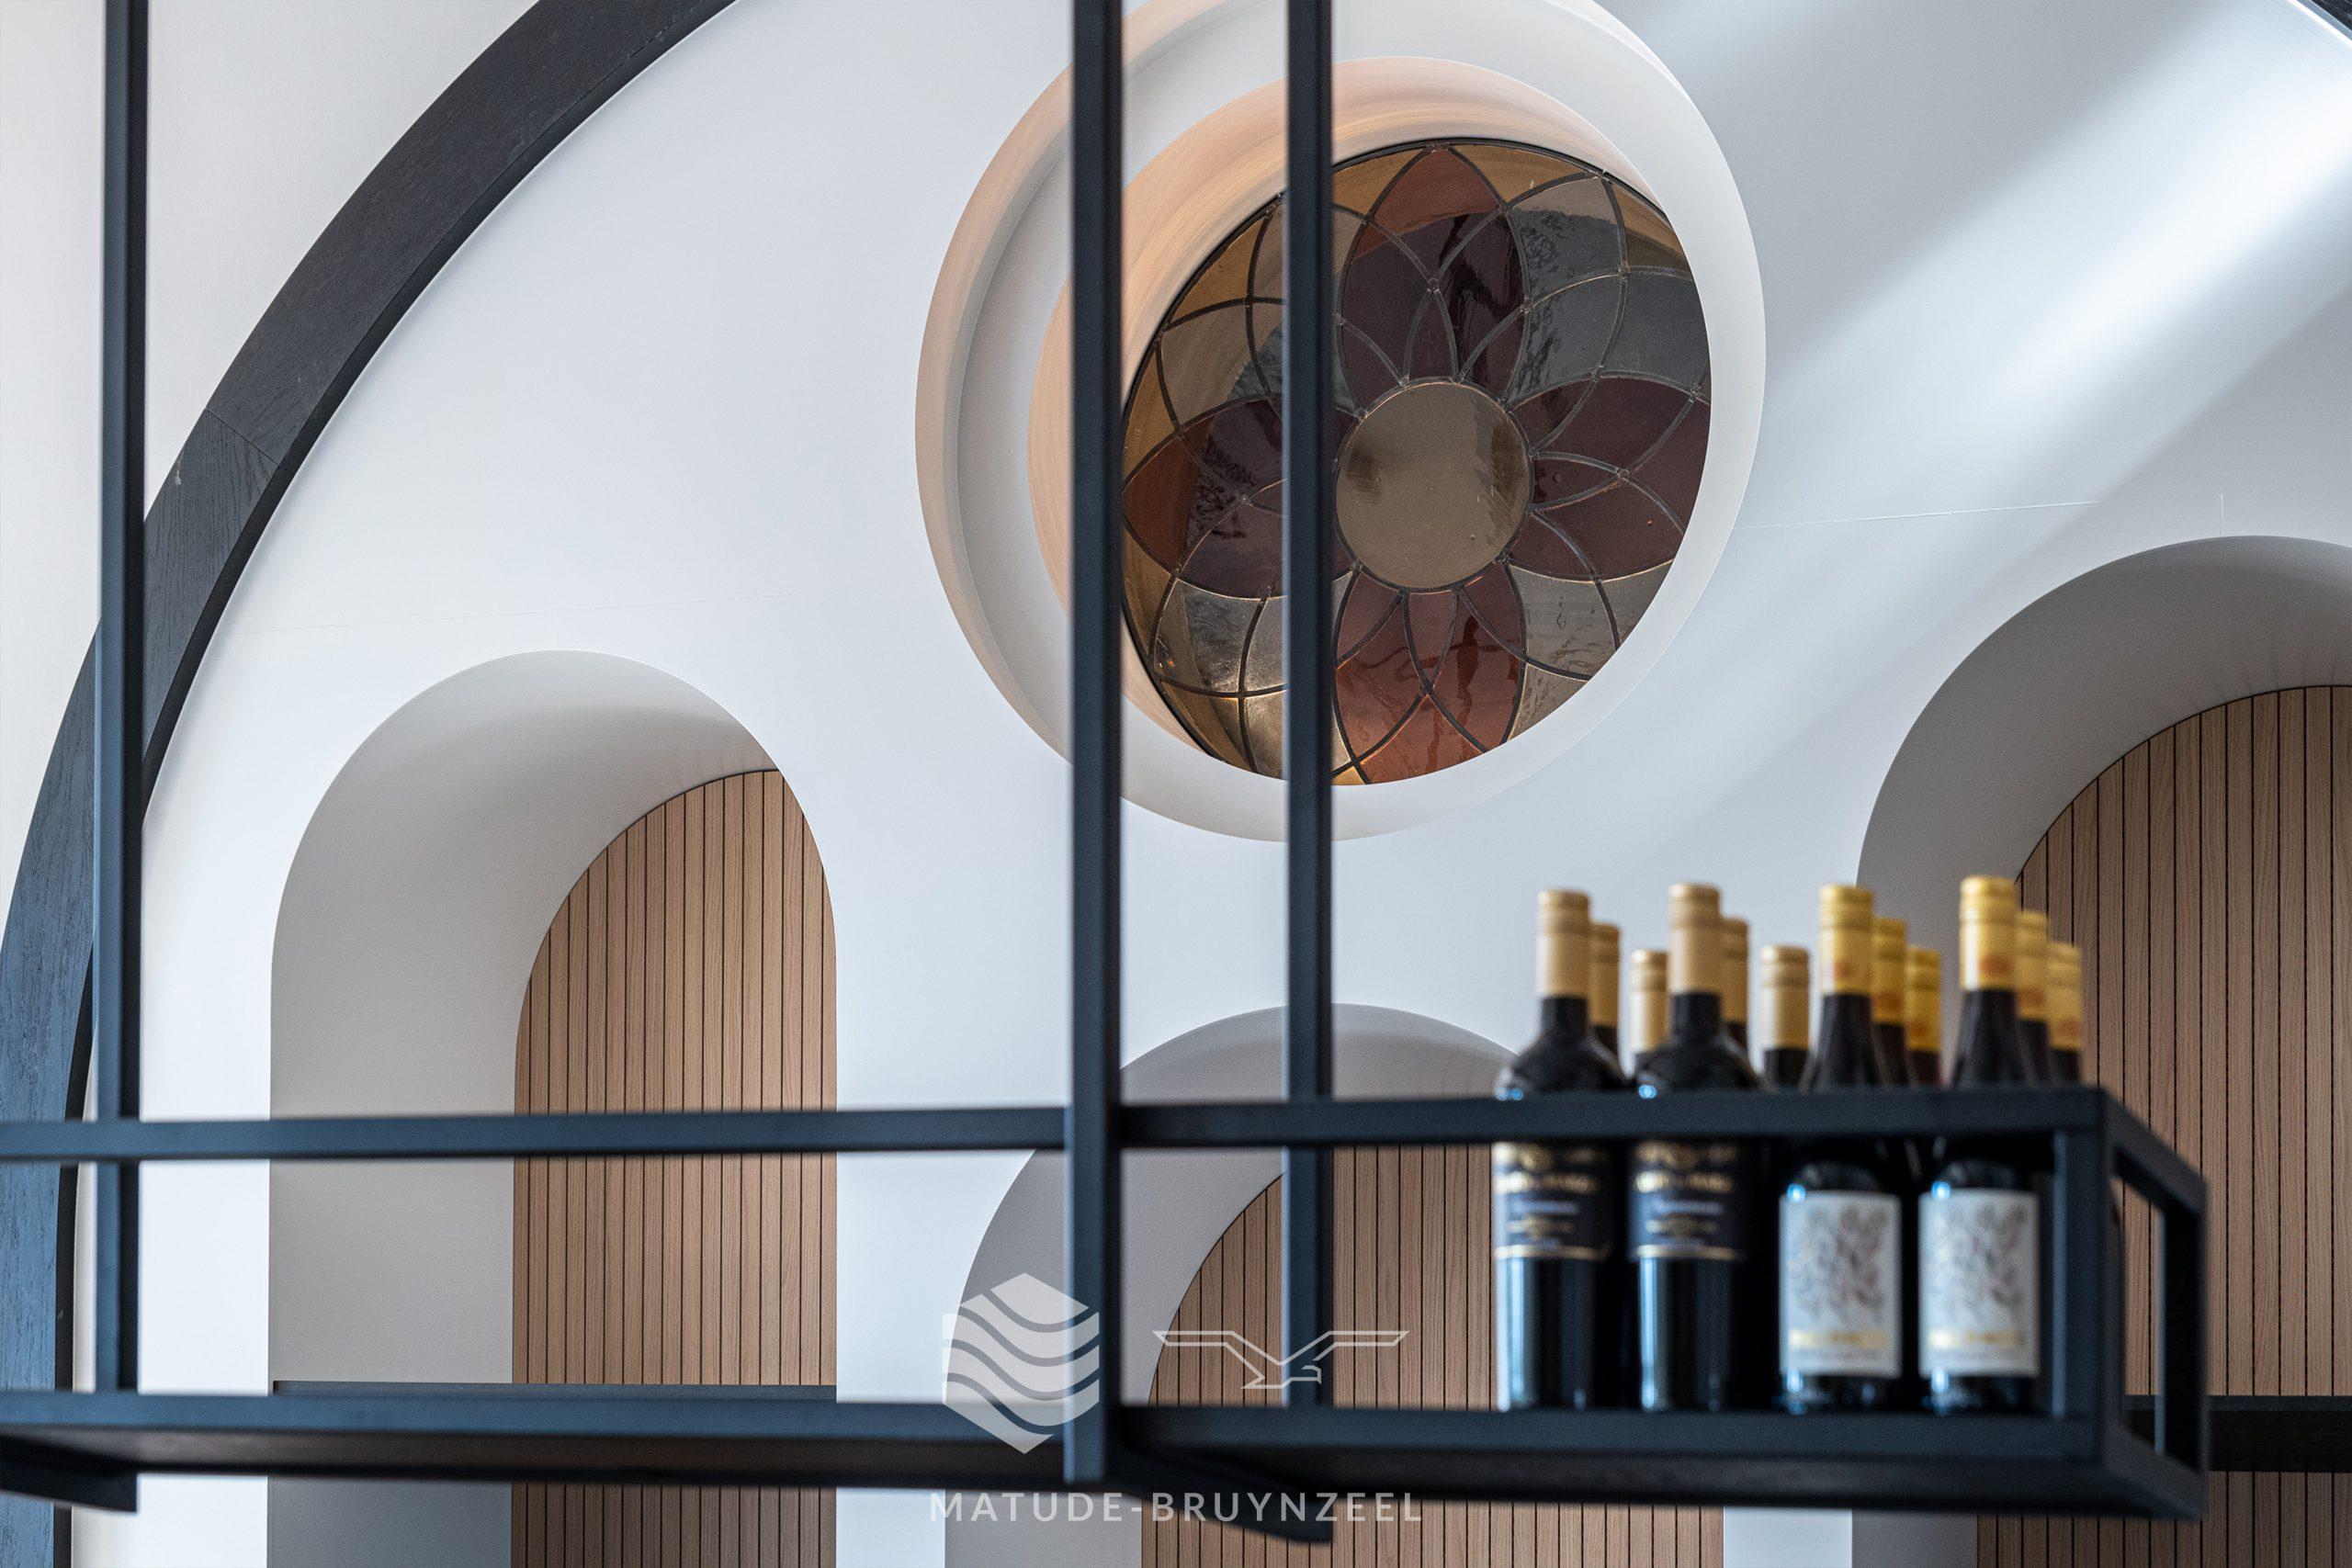 https://www.matude.nl/wp-content/uploads/2020/08/Hotel_Merici_Bruynzeel_Perfosound_Line_Sittard_Intera_Sutherland_Design_4-scaled.jpg